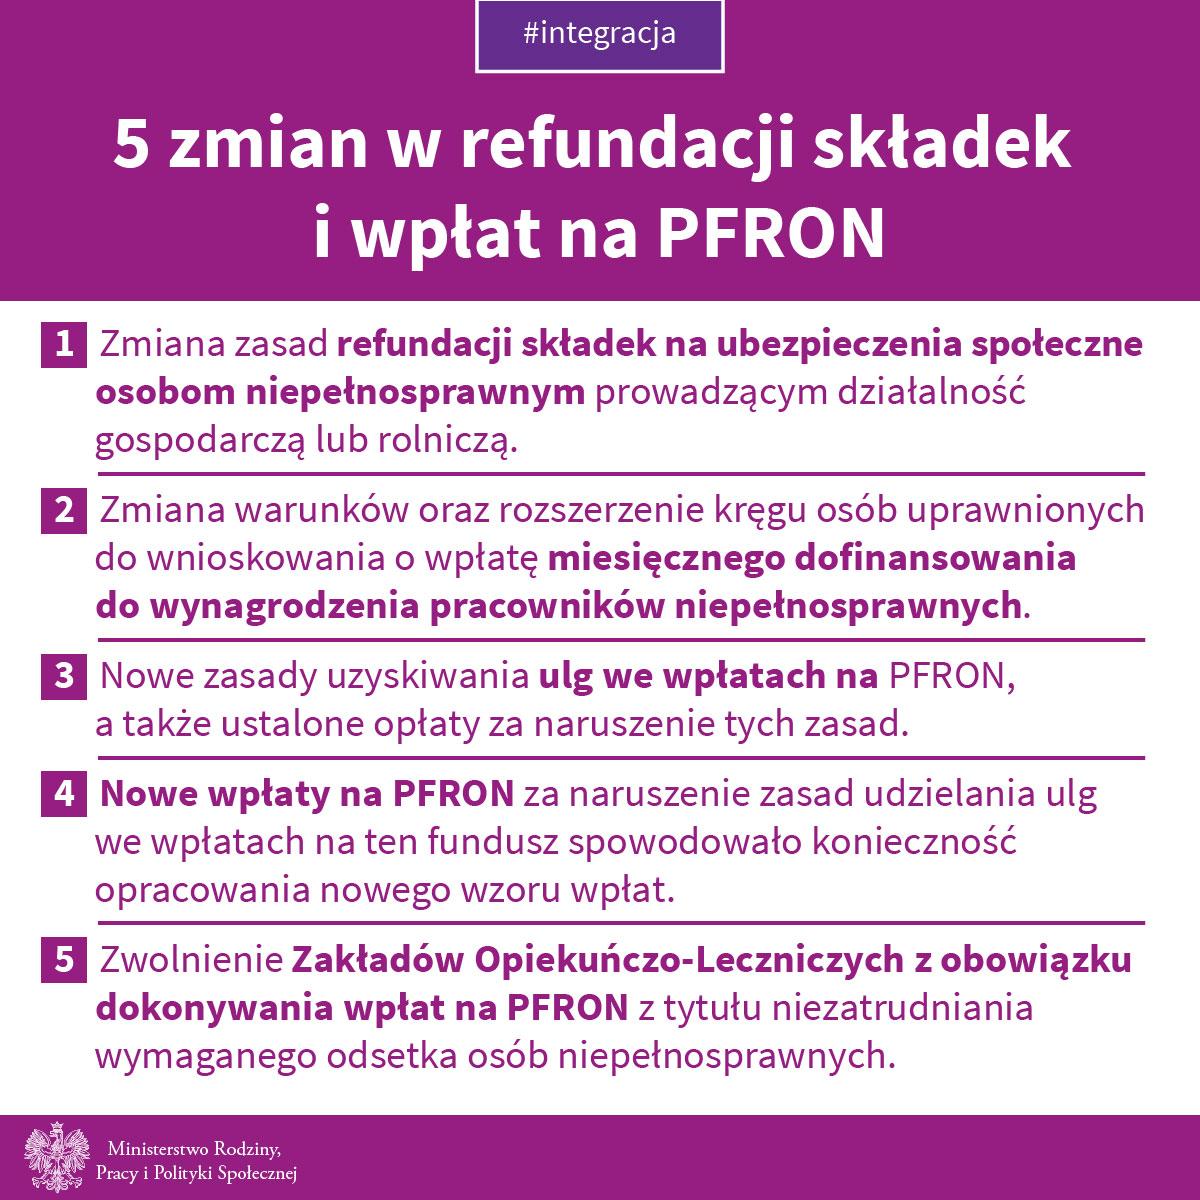 5 zmian w refundacjach na PFRON (grafika: MRPiPS)